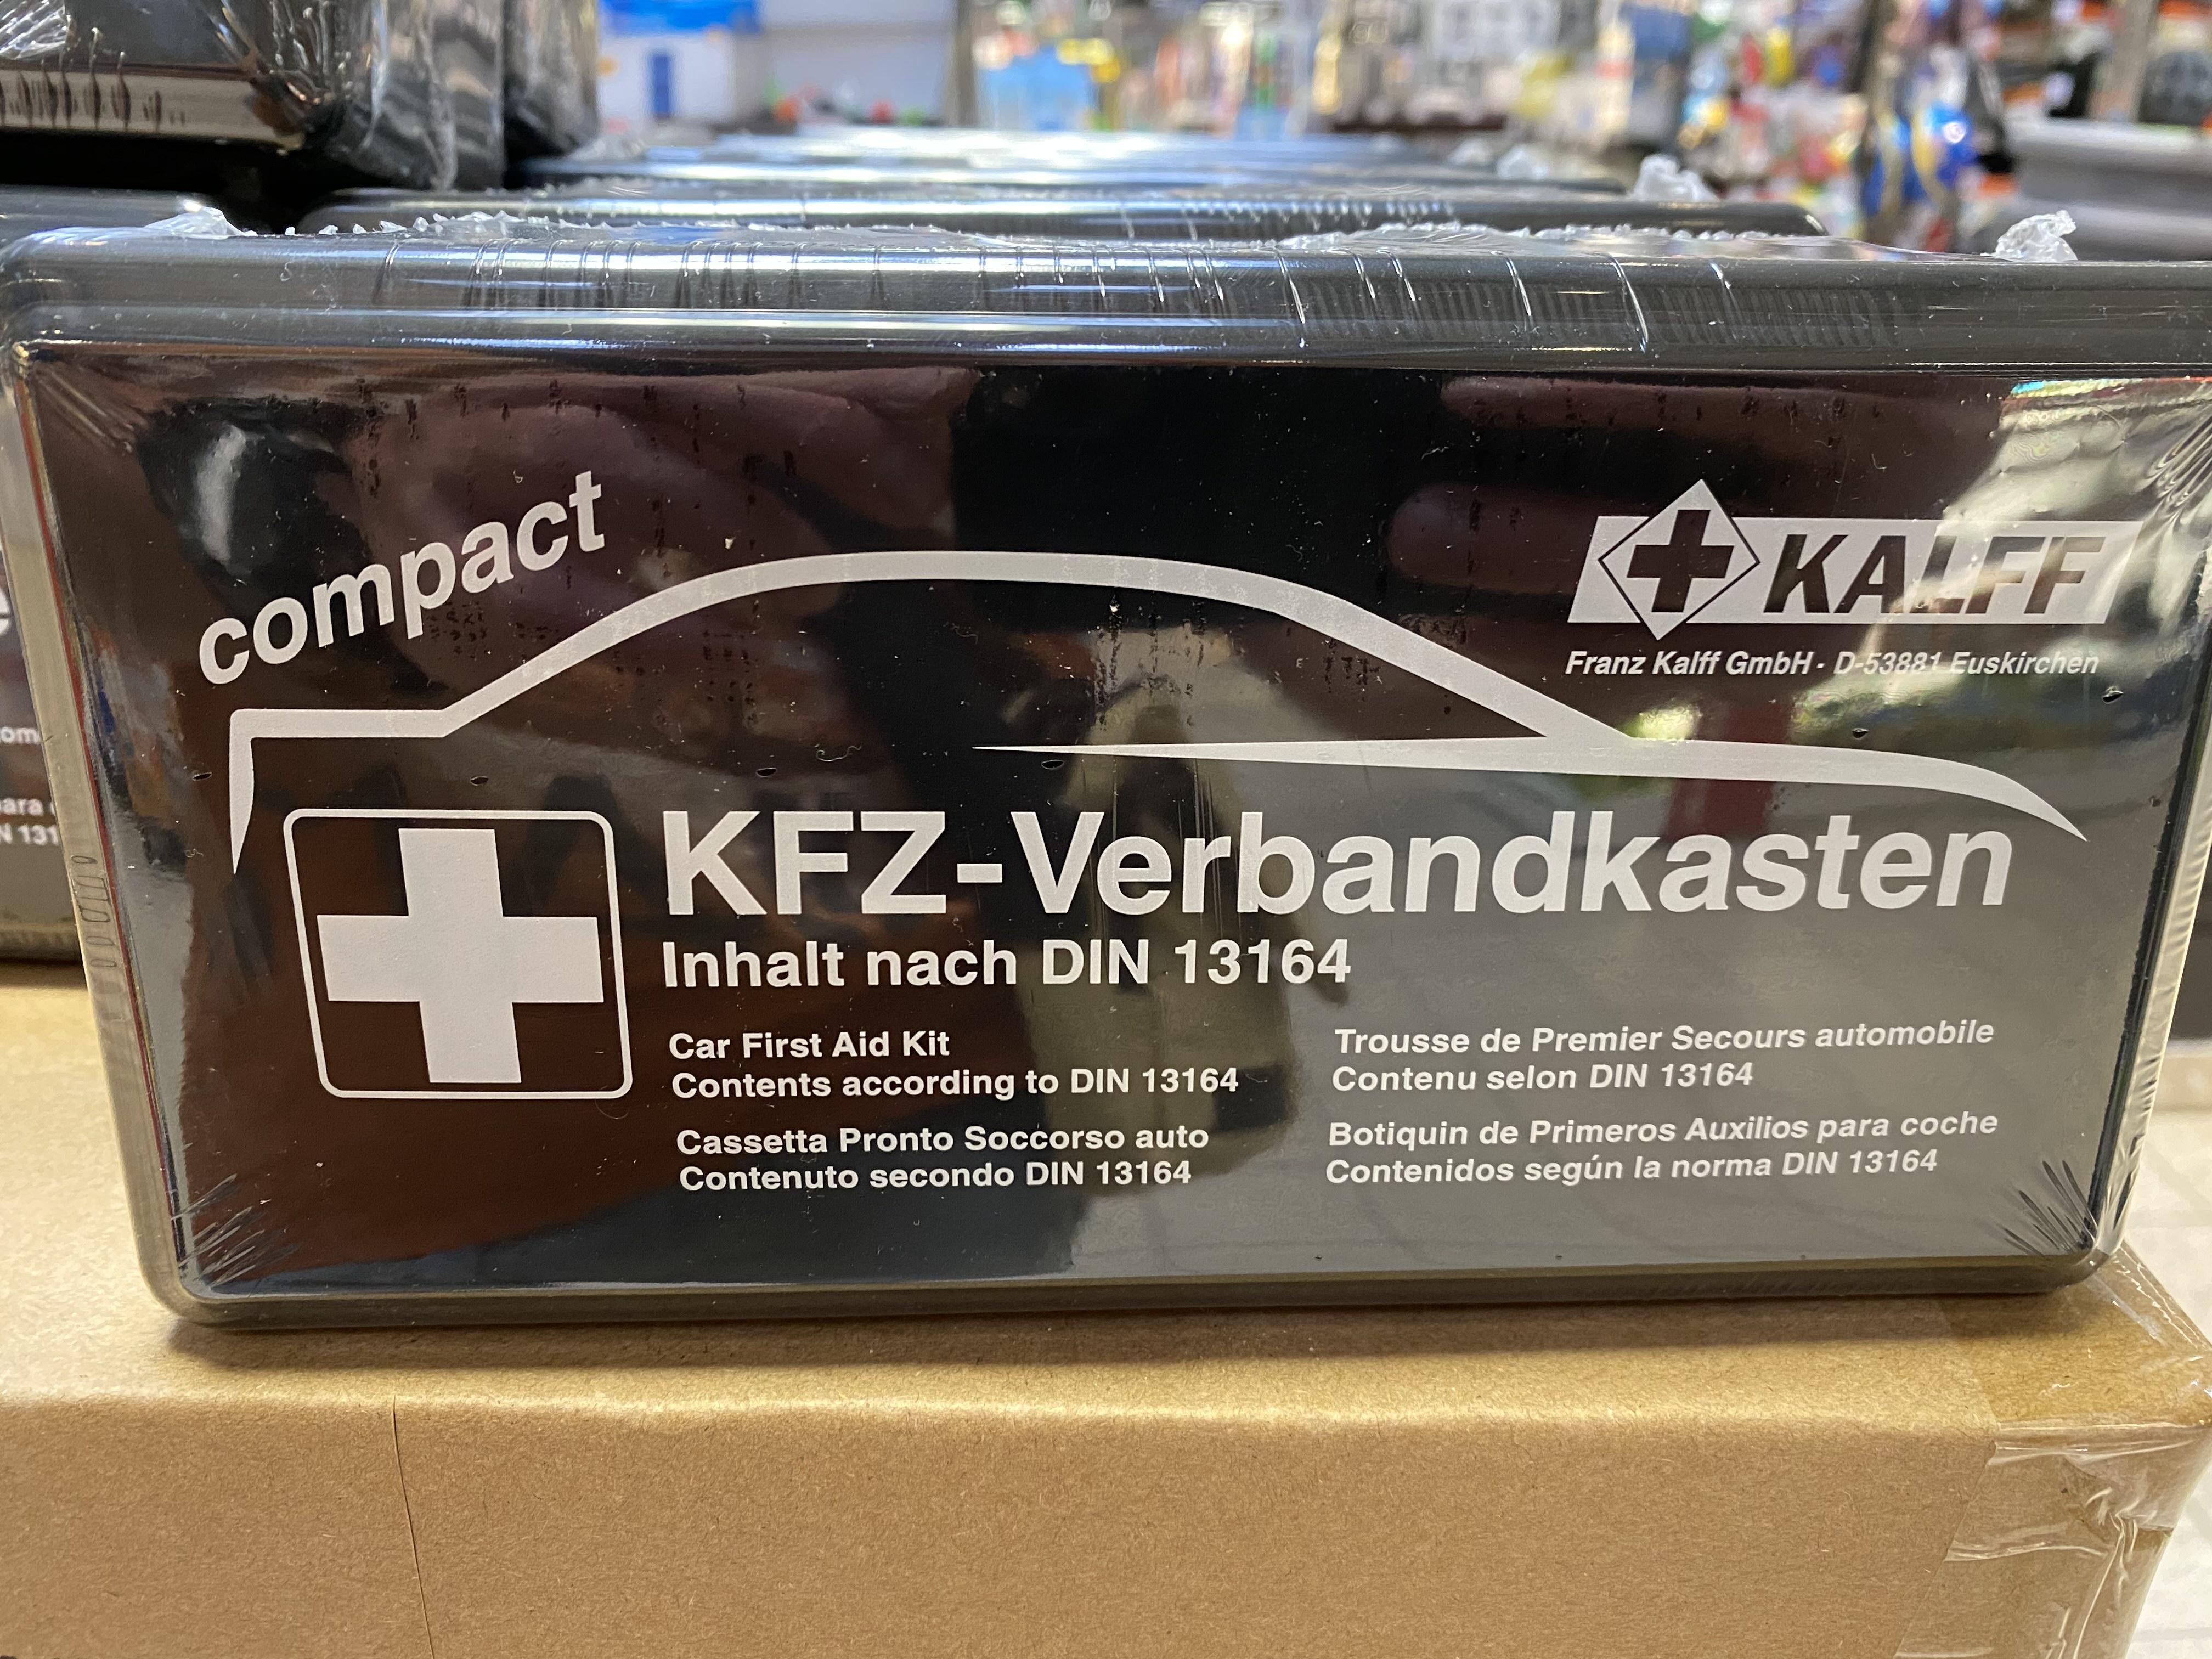 Kalff KFZ Verbandkasten nach DIN 13164 *Marktkauf*